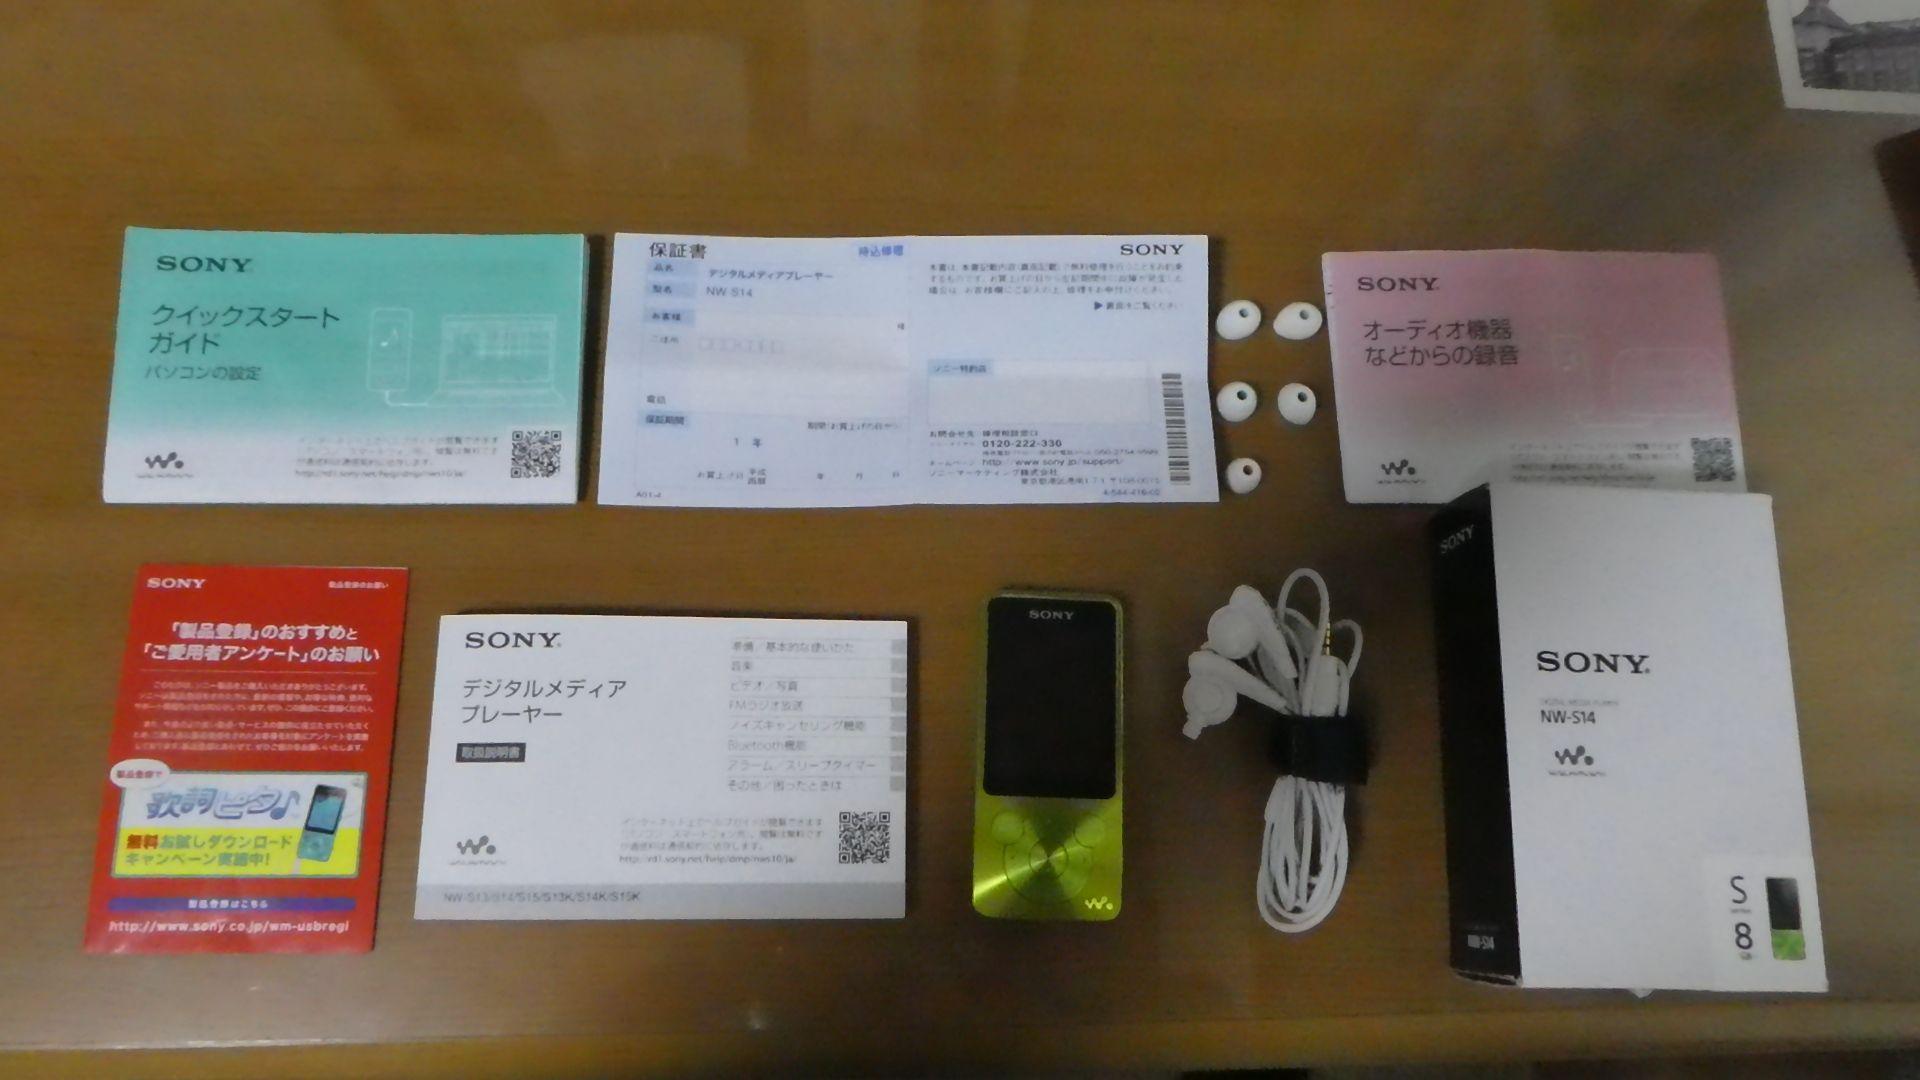 Walkman Nw S14 レビュー Sek シック いつでも どこでも だれとでも貧乏旅行記 楽天ブログ